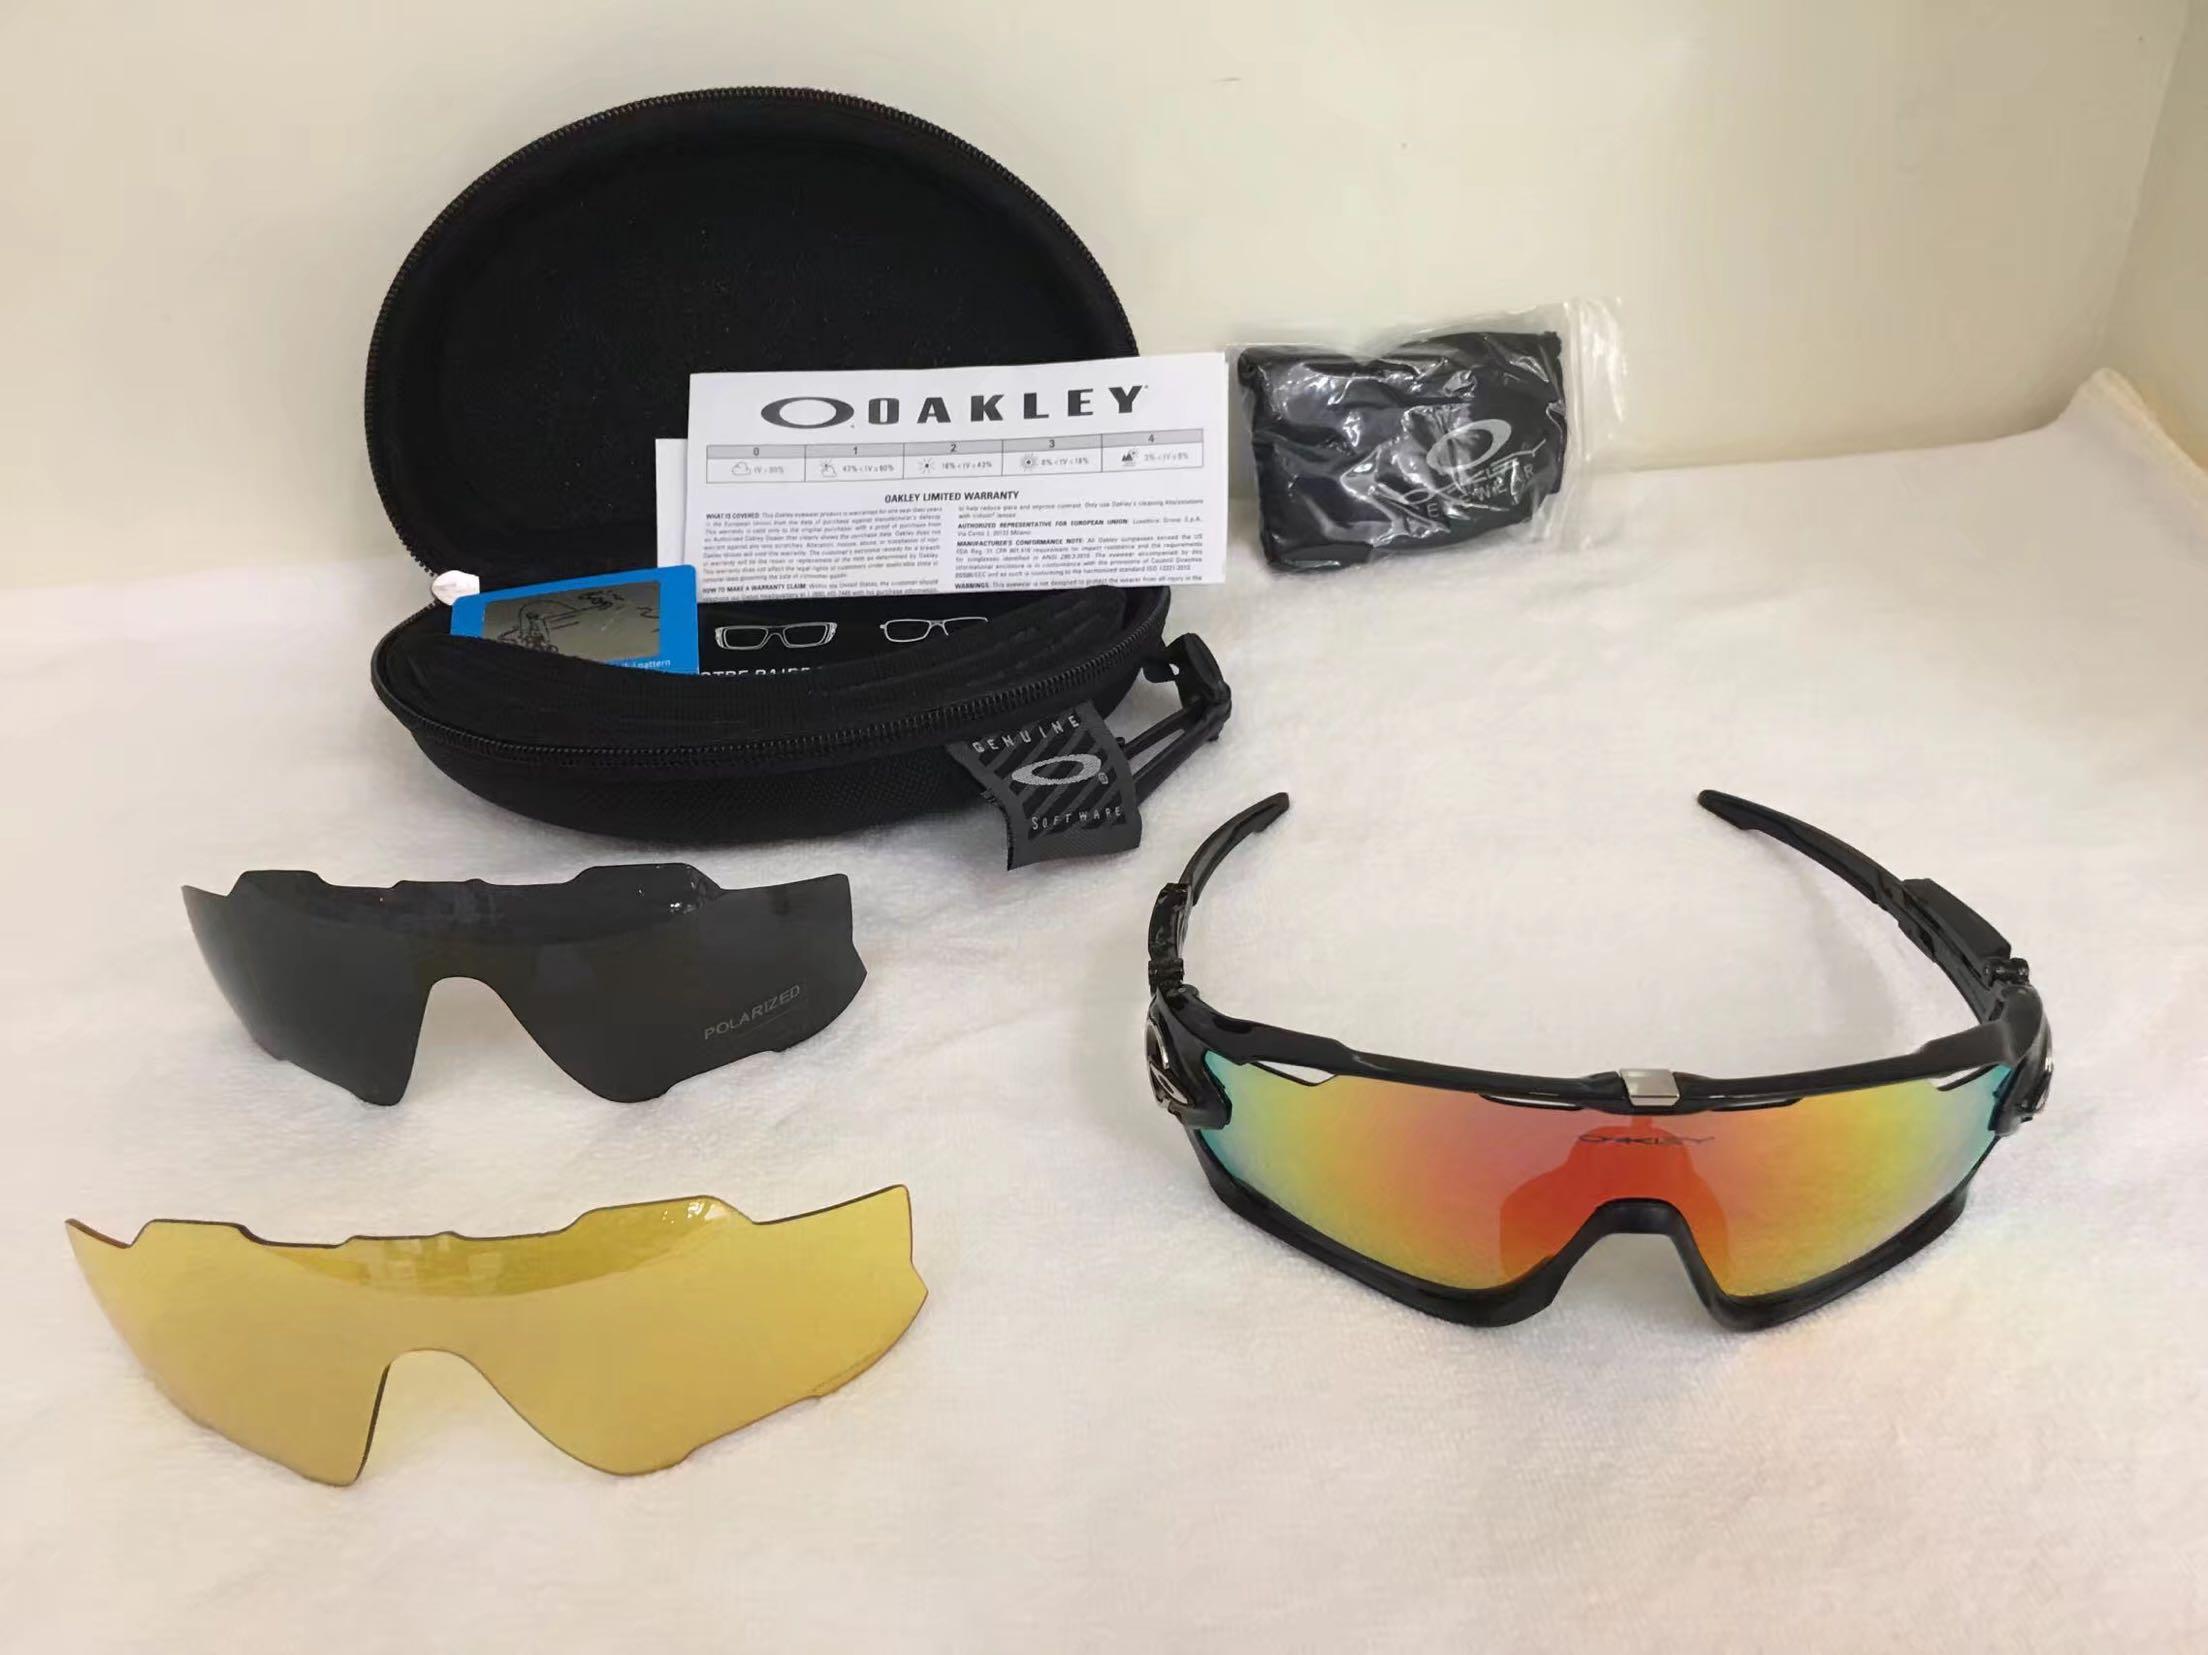 Oakley европа грамм прибыль верховая езда очки